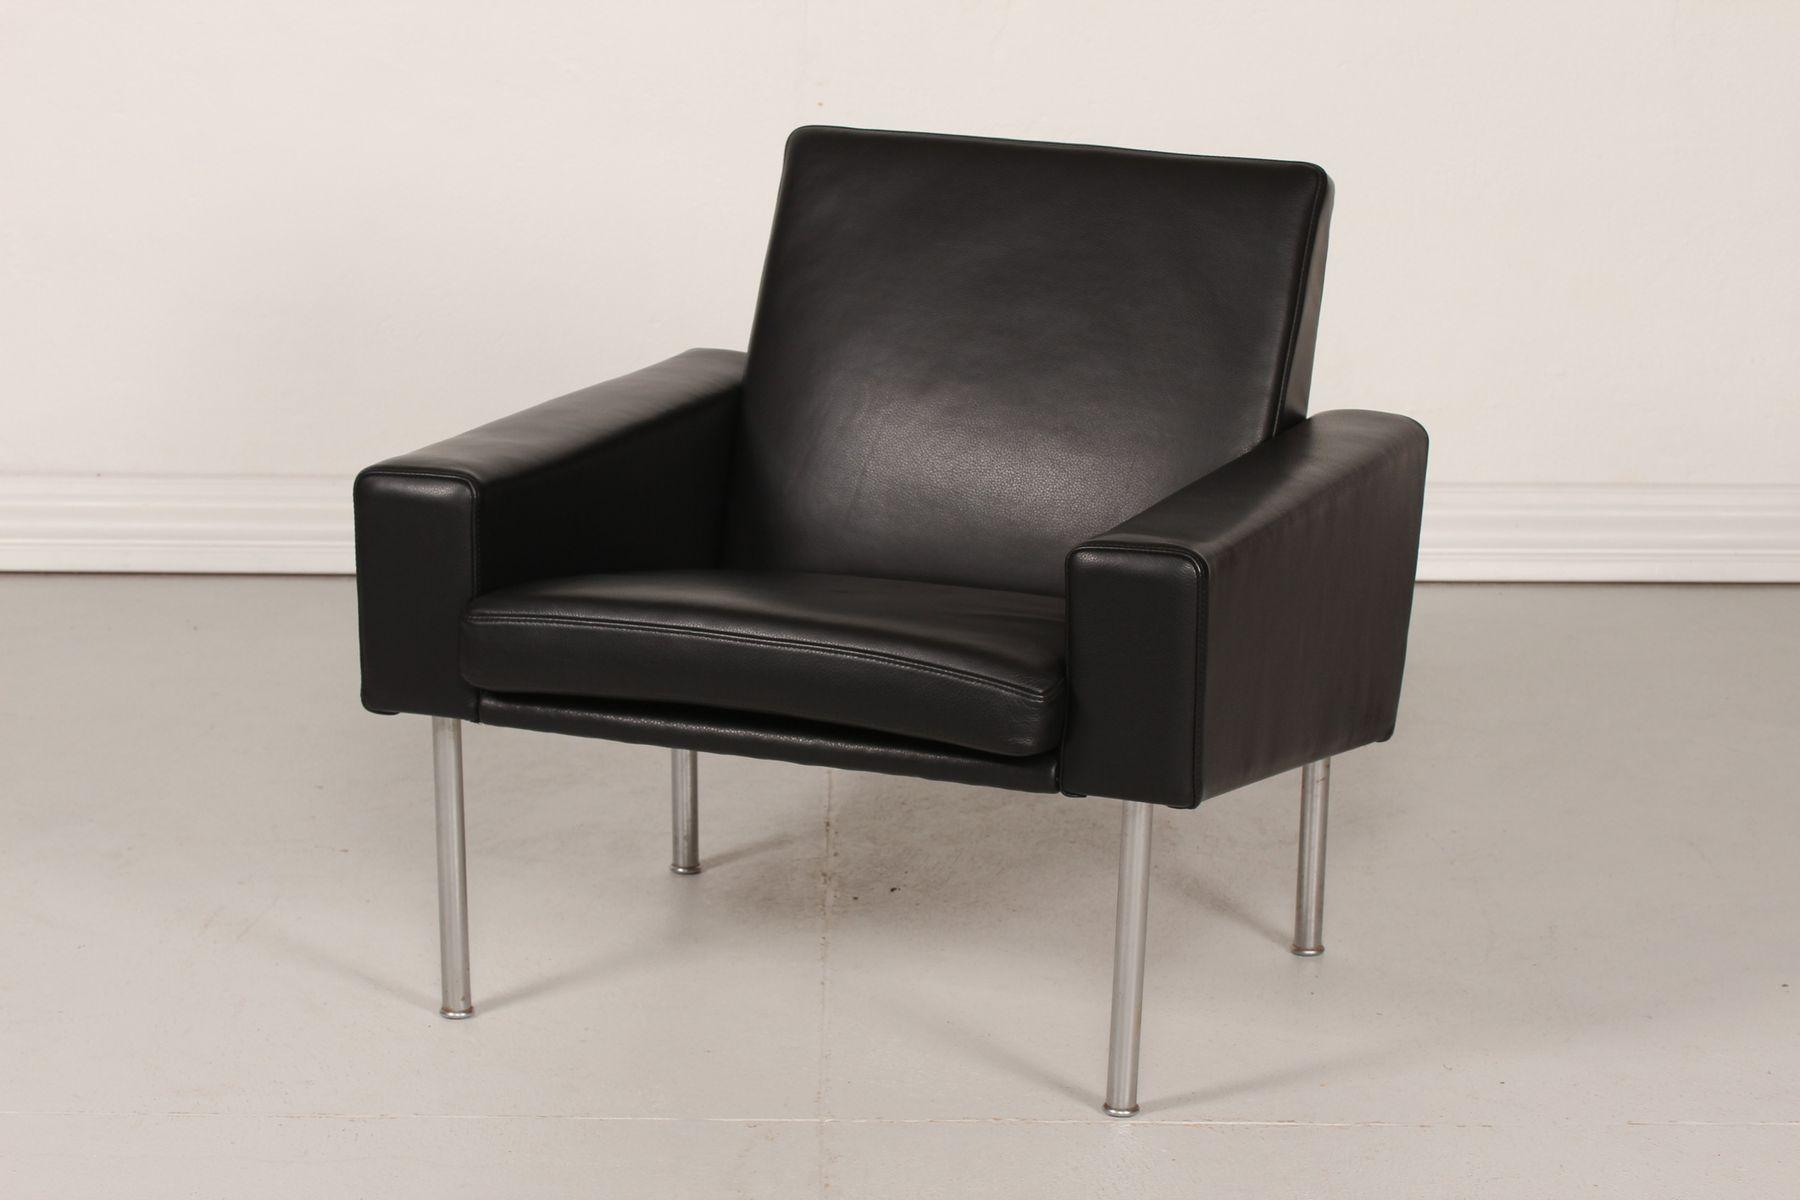 ap 34 1 sessel von hans j wegner f r ap stolen 1960er. Black Bedroom Furniture Sets. Home Design Ideas